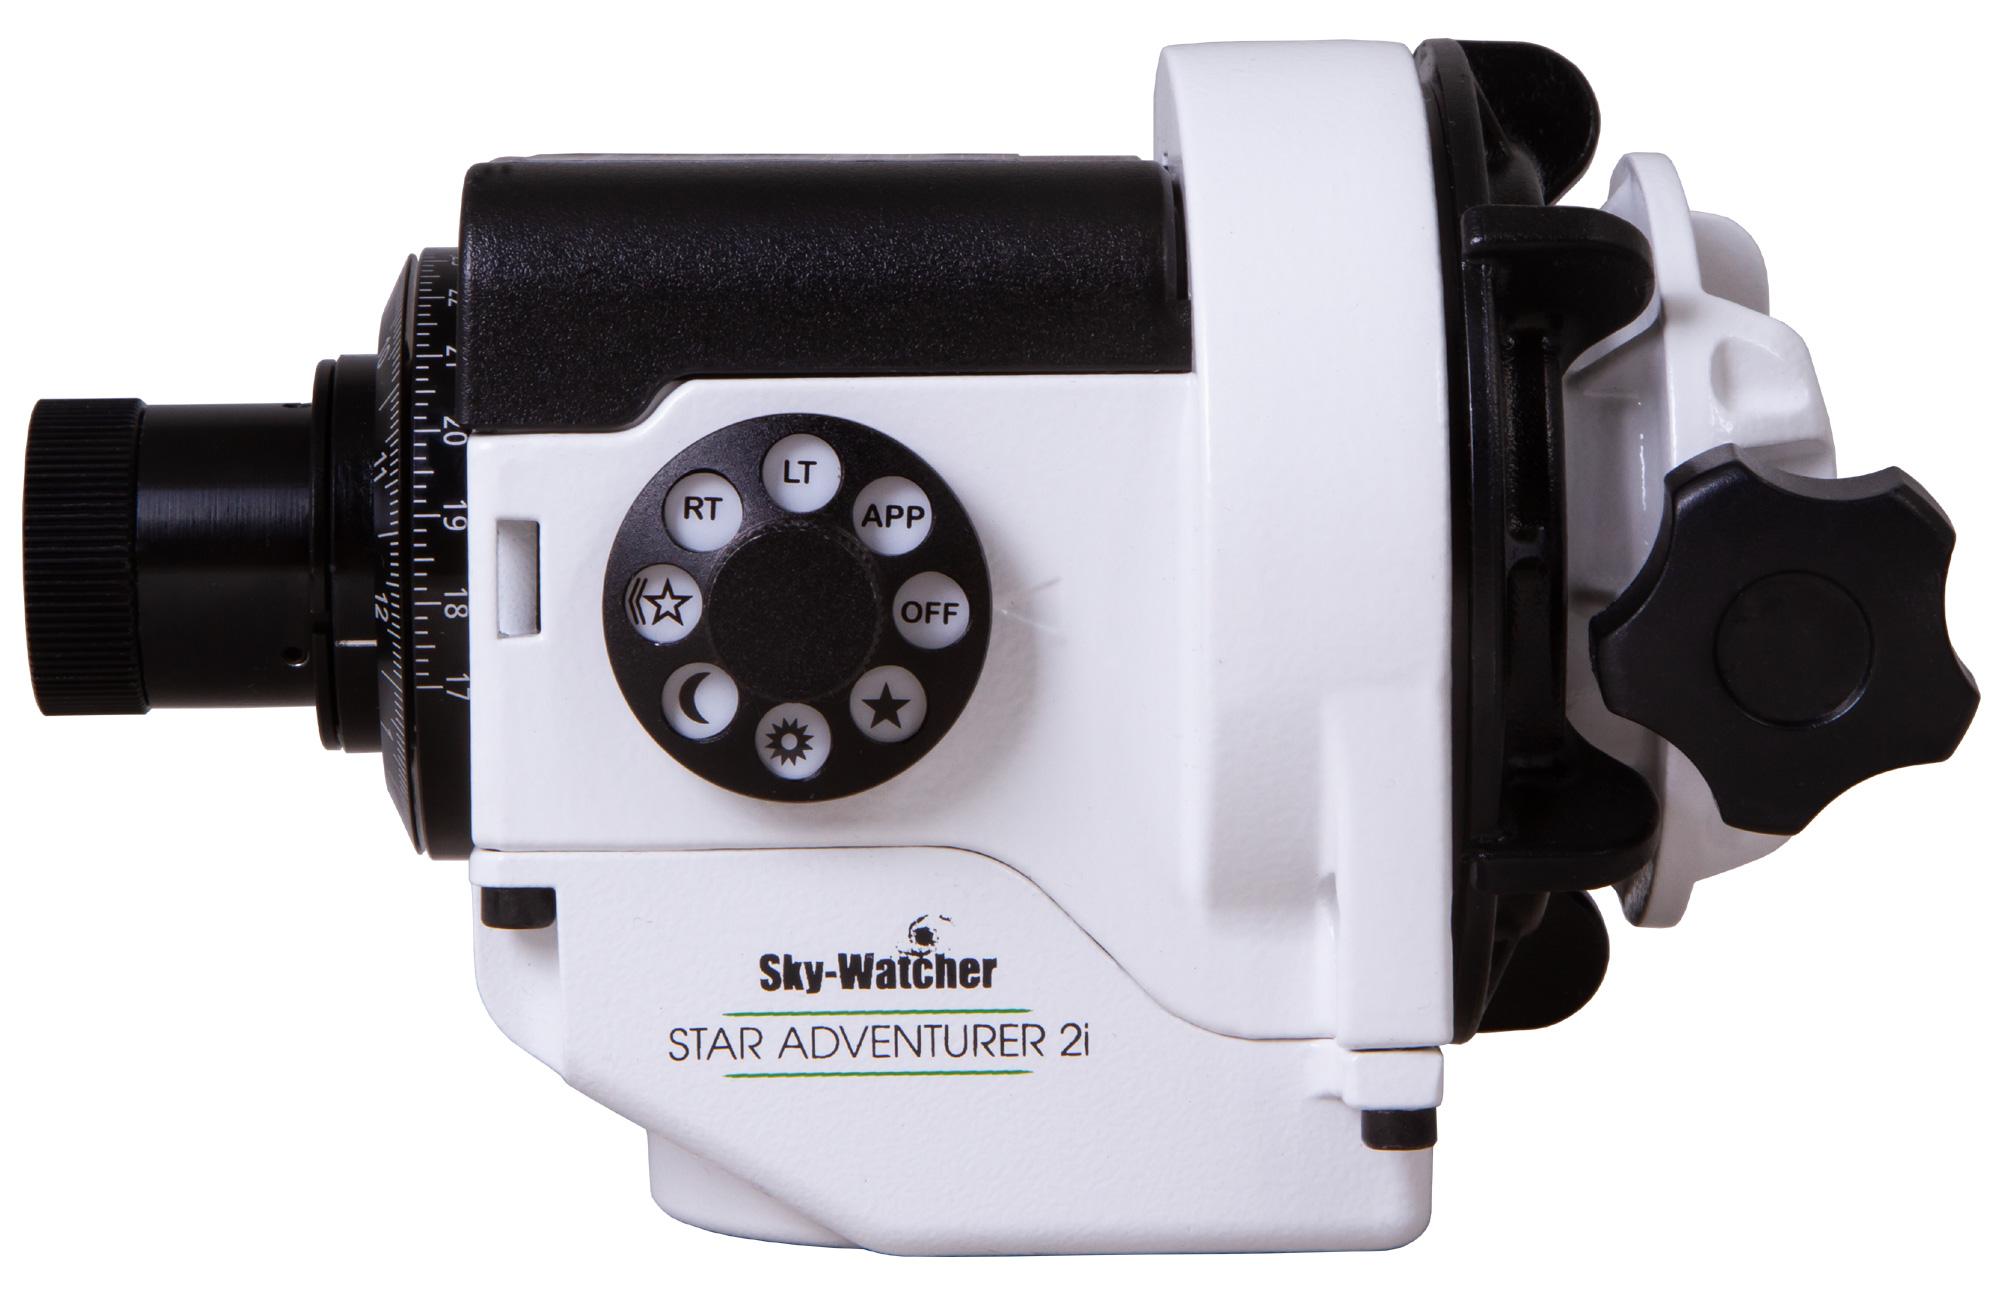 Картинка для Монтировка Sky-Watcher Star Adventurer 2i (с крепежной платформой и искателем полюса)